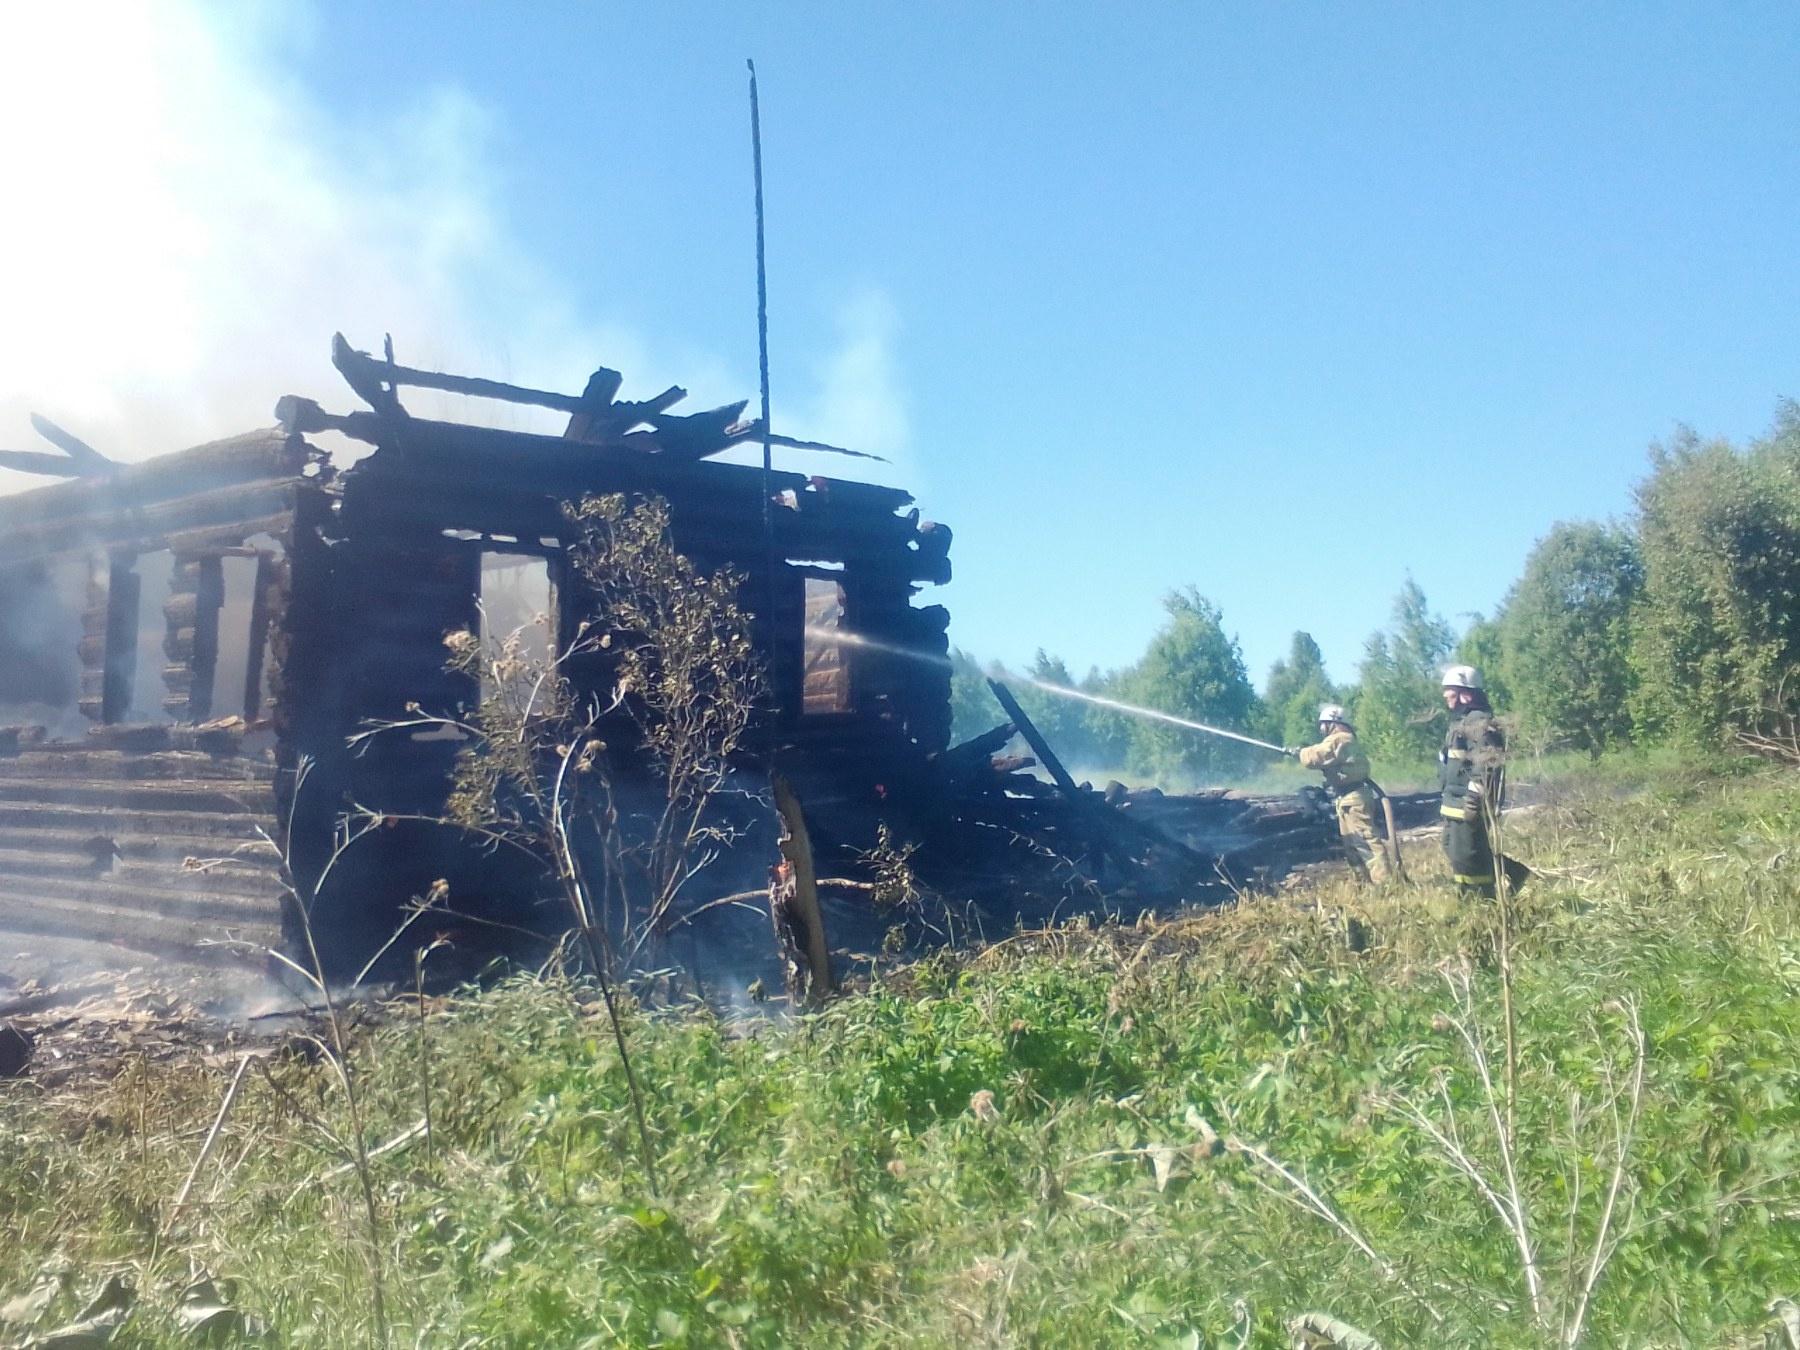 Пожарно-спасательные подразделения ликвидировали пожар в Кикнурском районе